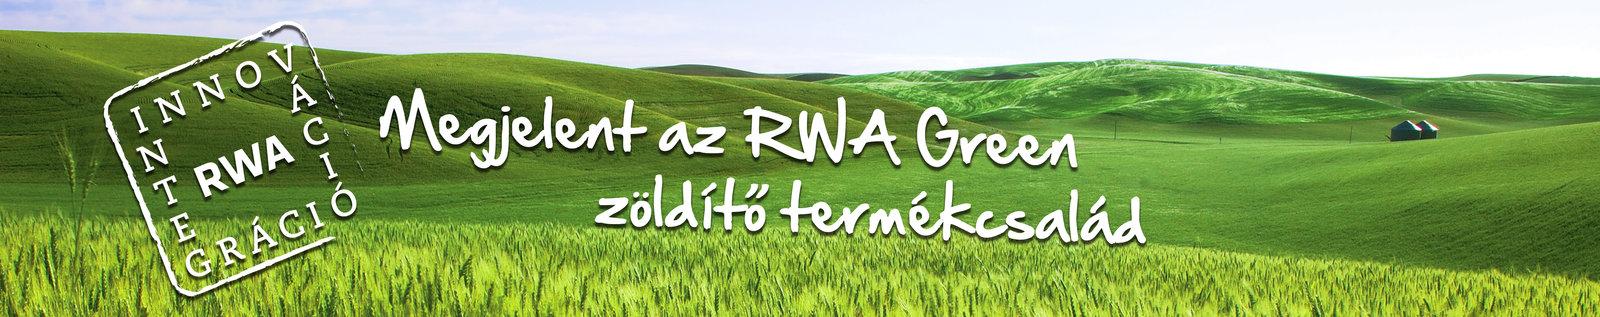 RWA green banner